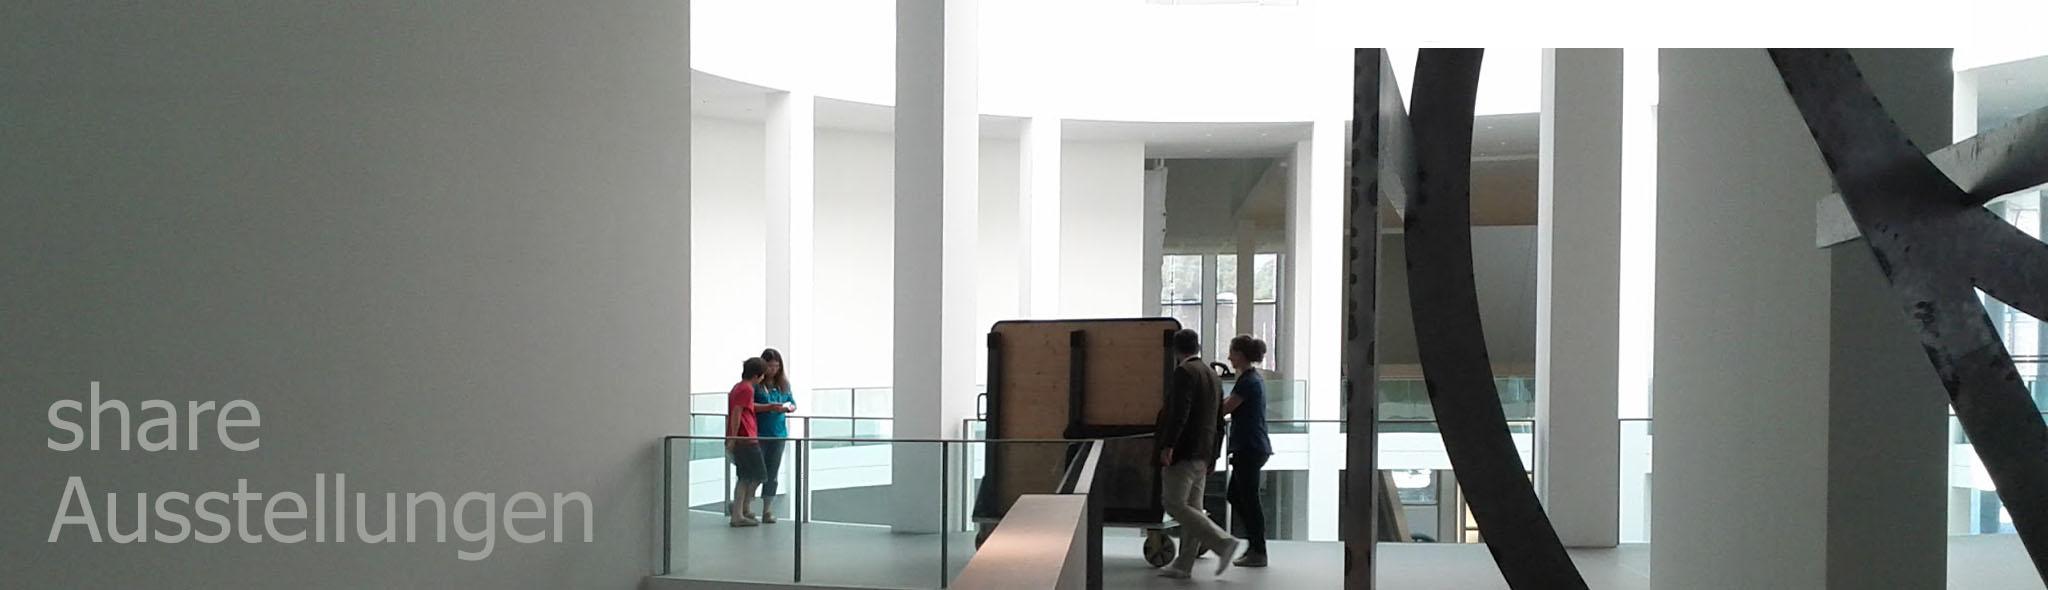 art-in.de/share/ausstellungen Ausstellungen Berlin, München, Köln und und und mieten, teilen, ausstellen